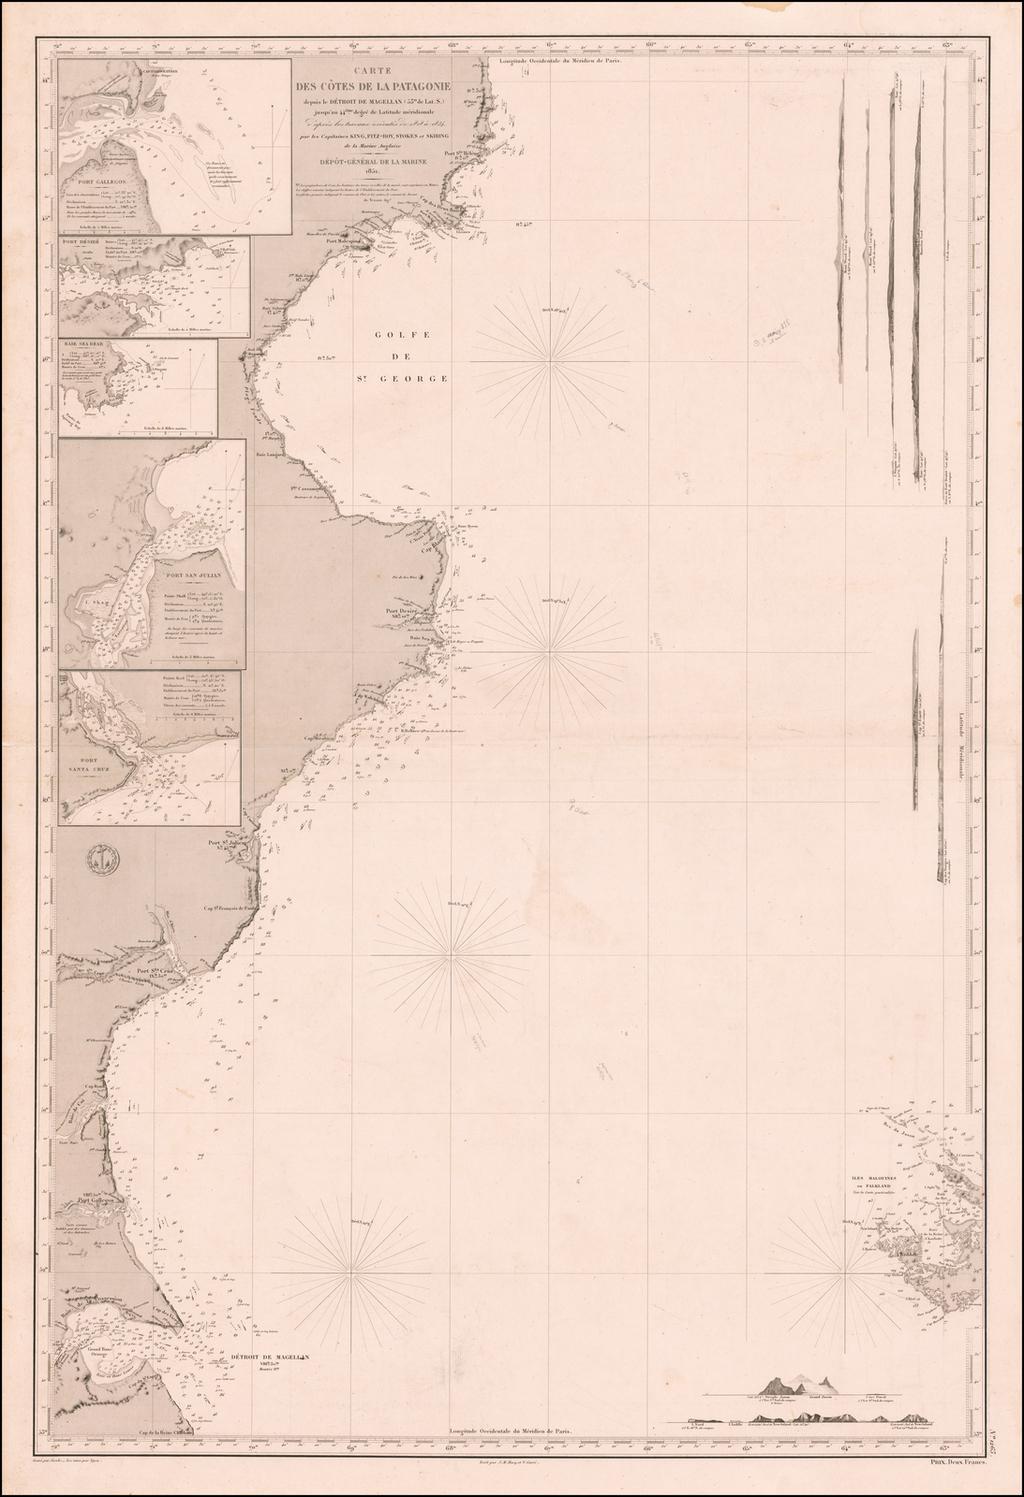 Carte Des Cotes la Patagonie depuis le Detroit de Magellan (53° de Lat S.) jusqu'au 44.eme de Latitude meridionale d'apres les travaux executes de 1828 a 1834, par les Capitaines King, Fizt-Roy,  Stokes et Skiring de la Marine Anglaise  1851 By Depot de la Marine